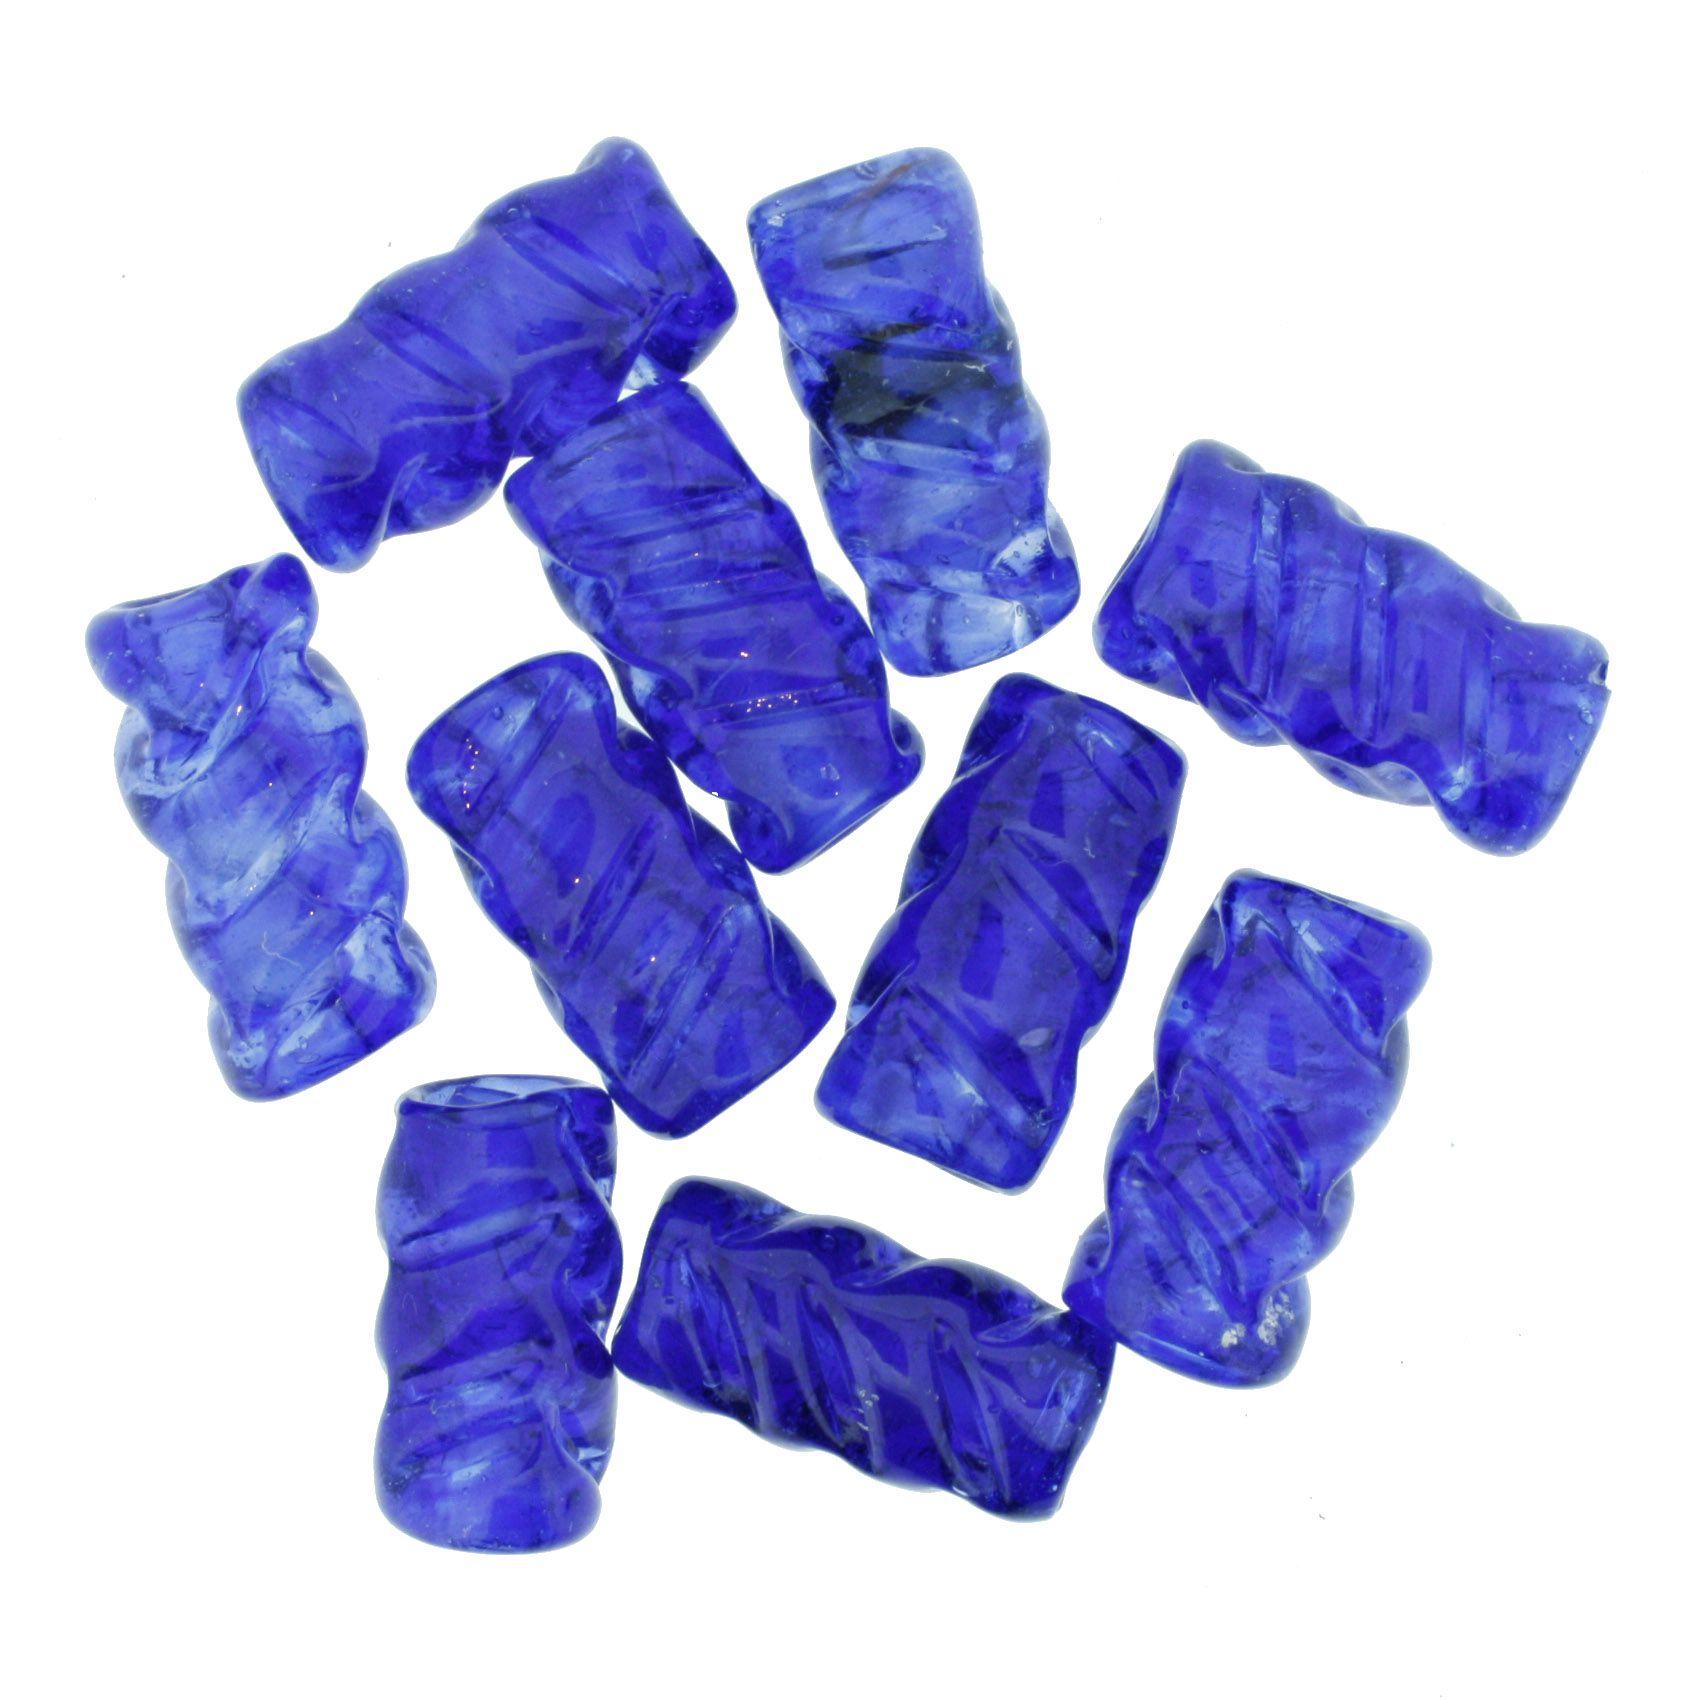 Firma Frisada - Azul Royal Transparente  - Stéphanie Bijoux® - Peças para Bijuterias e Artesanato